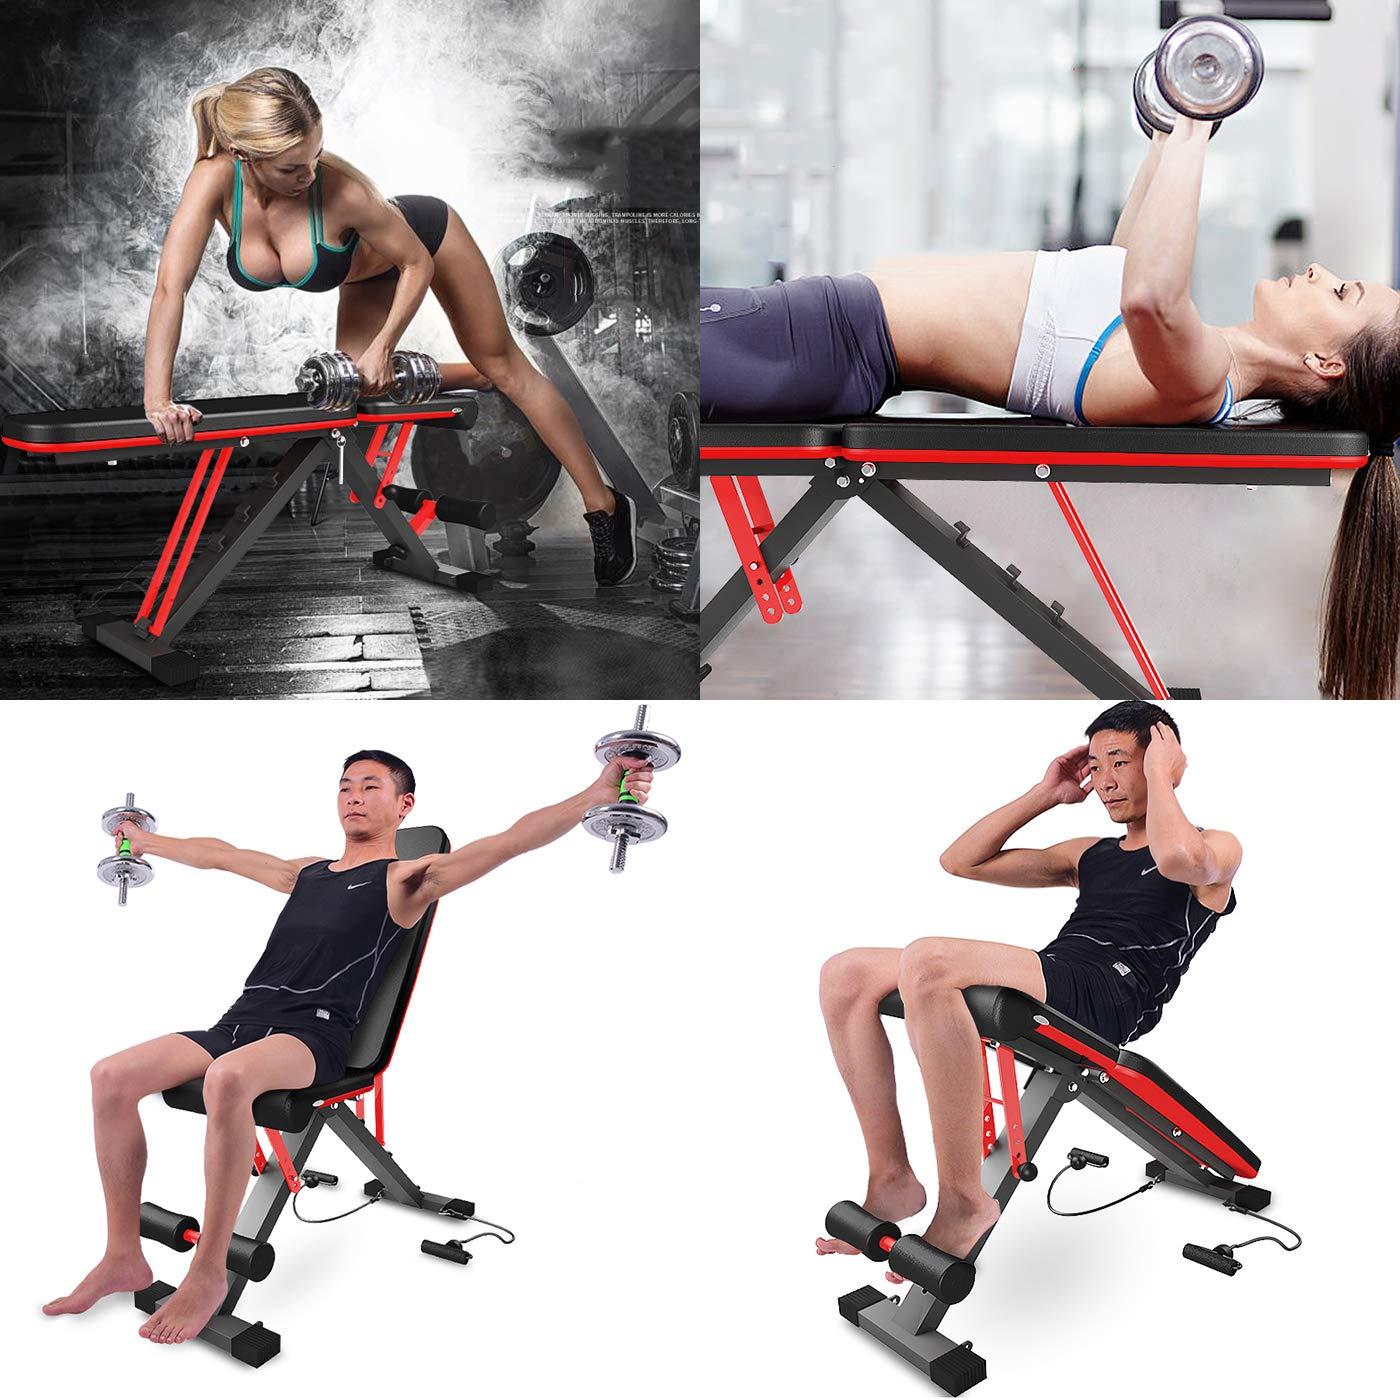 ... portátil Fitness, Banco de Servicios múltiples Posiciones, Entrenamiento de Cuerpo Completo Banco con mancuerna: Amazon.es: Deportes y aire libre